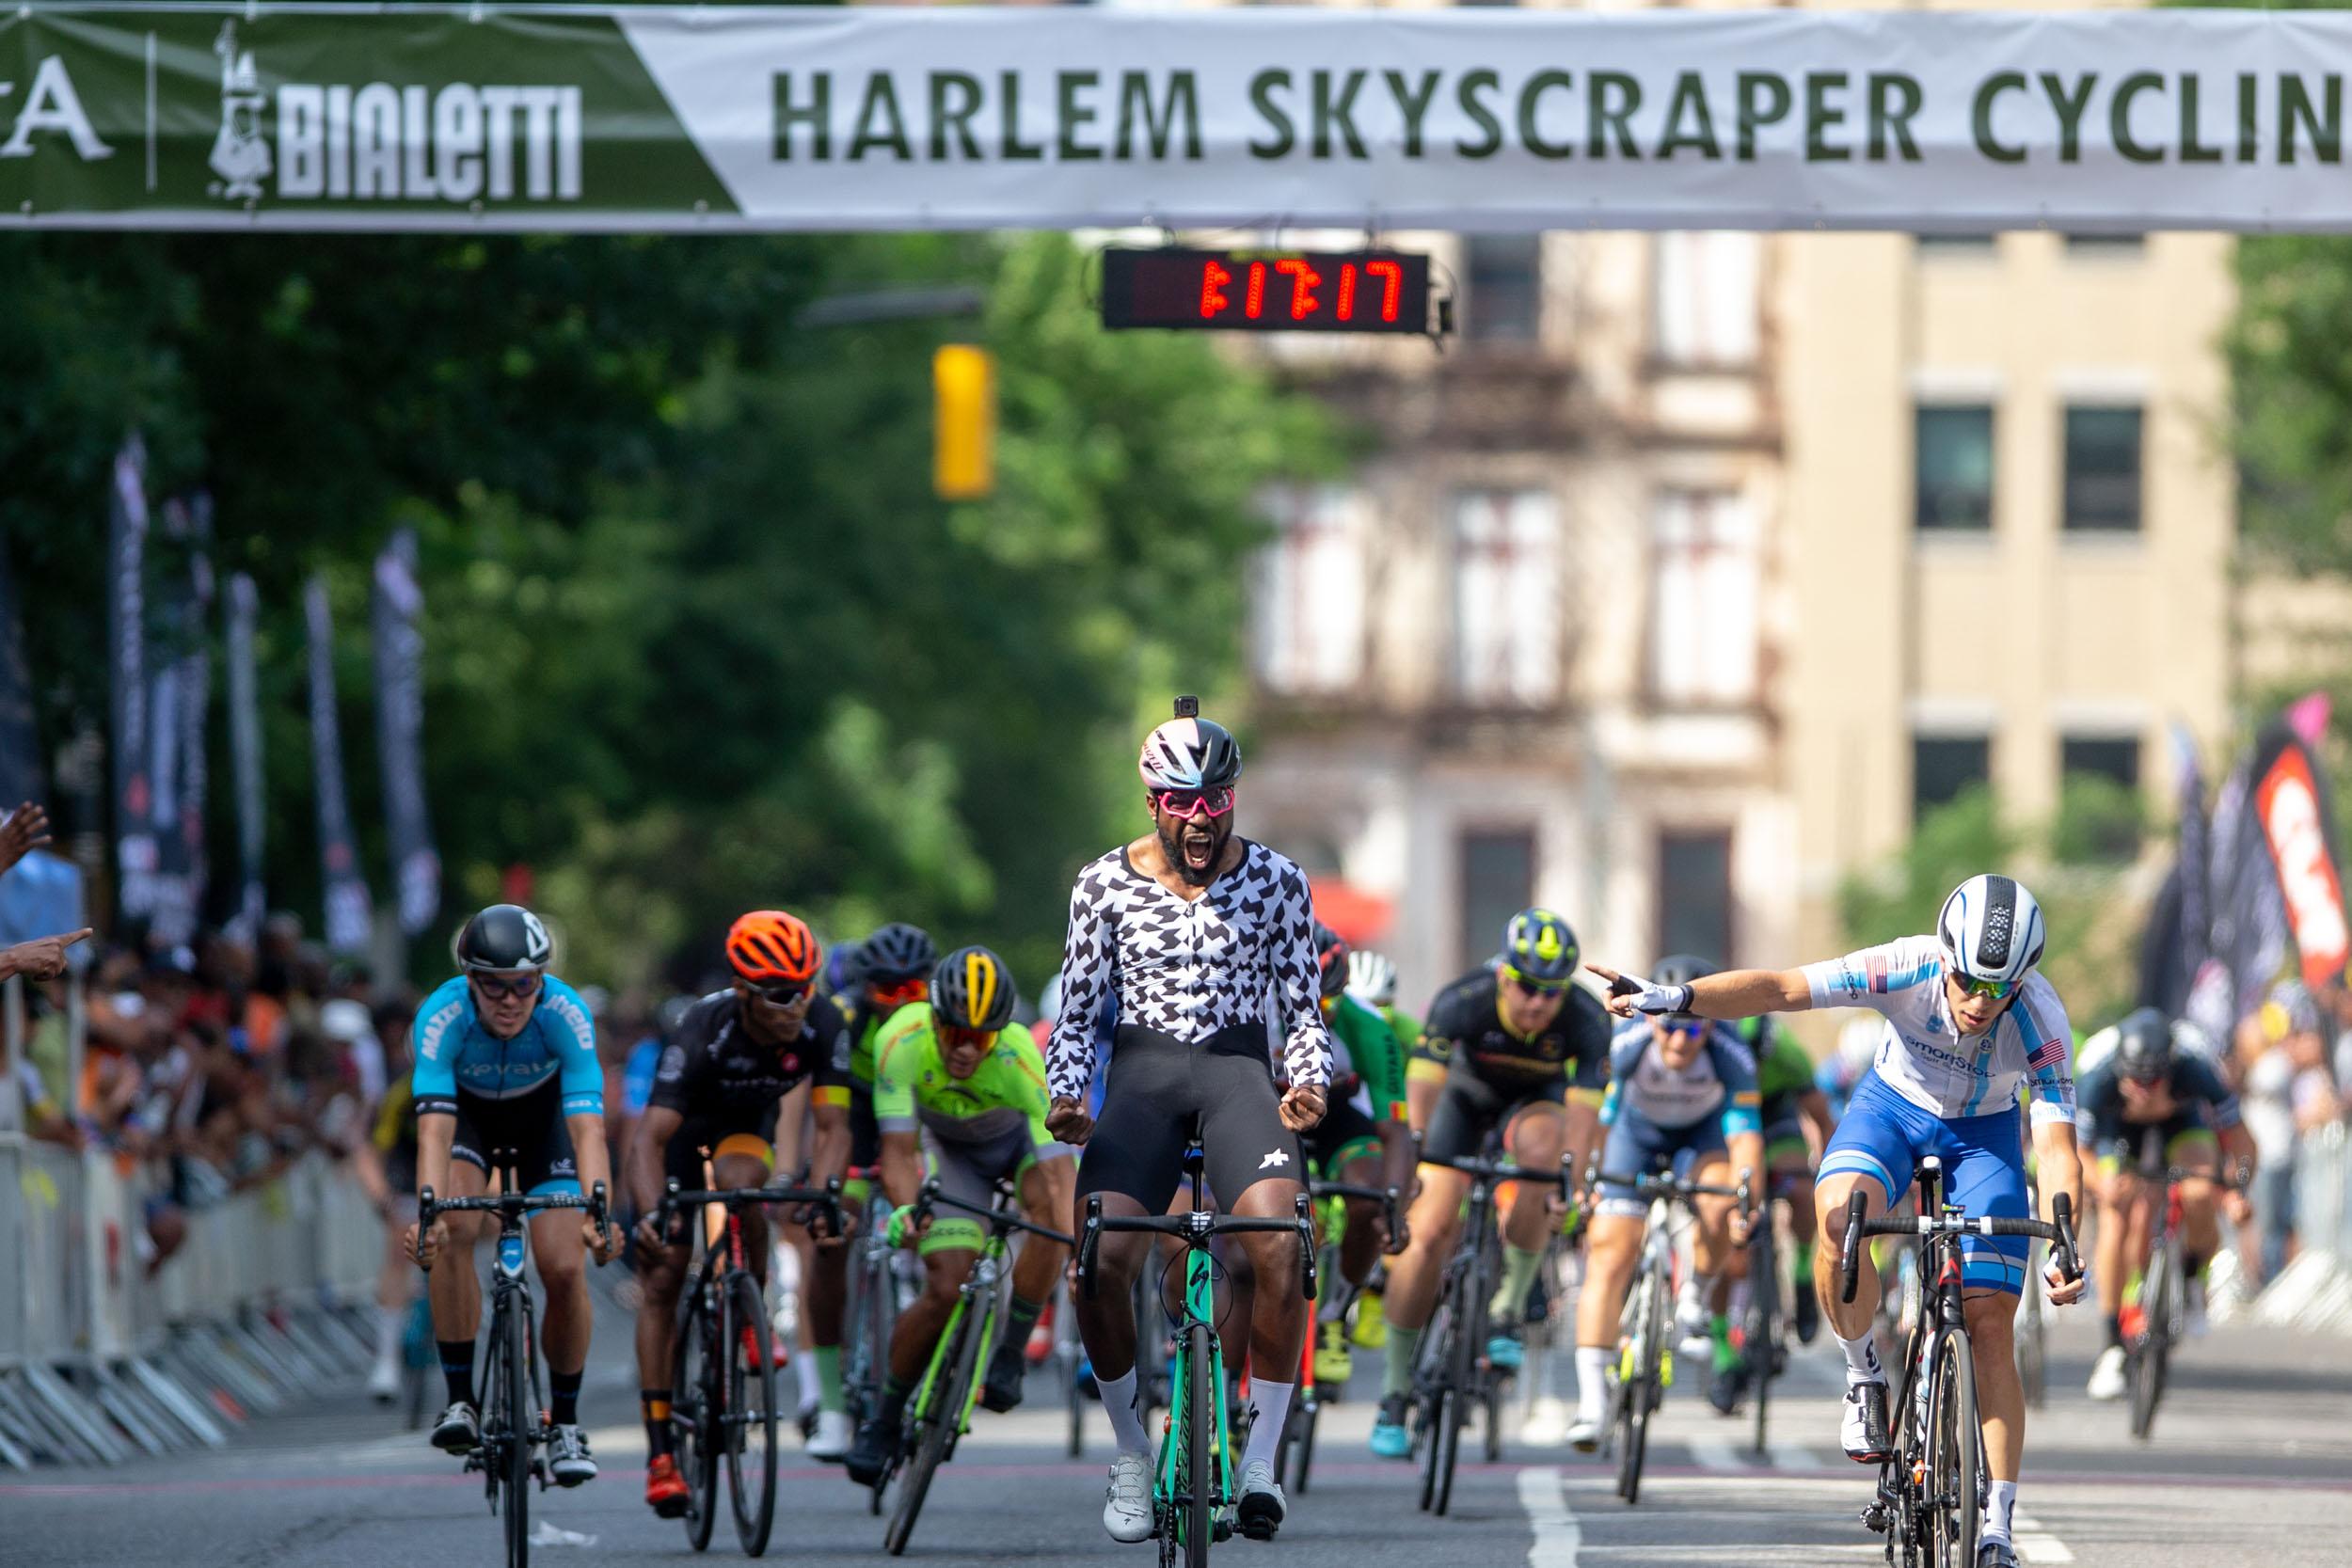 Harlem_17JUNE2018_BicycleRacingPictures_320.jpg